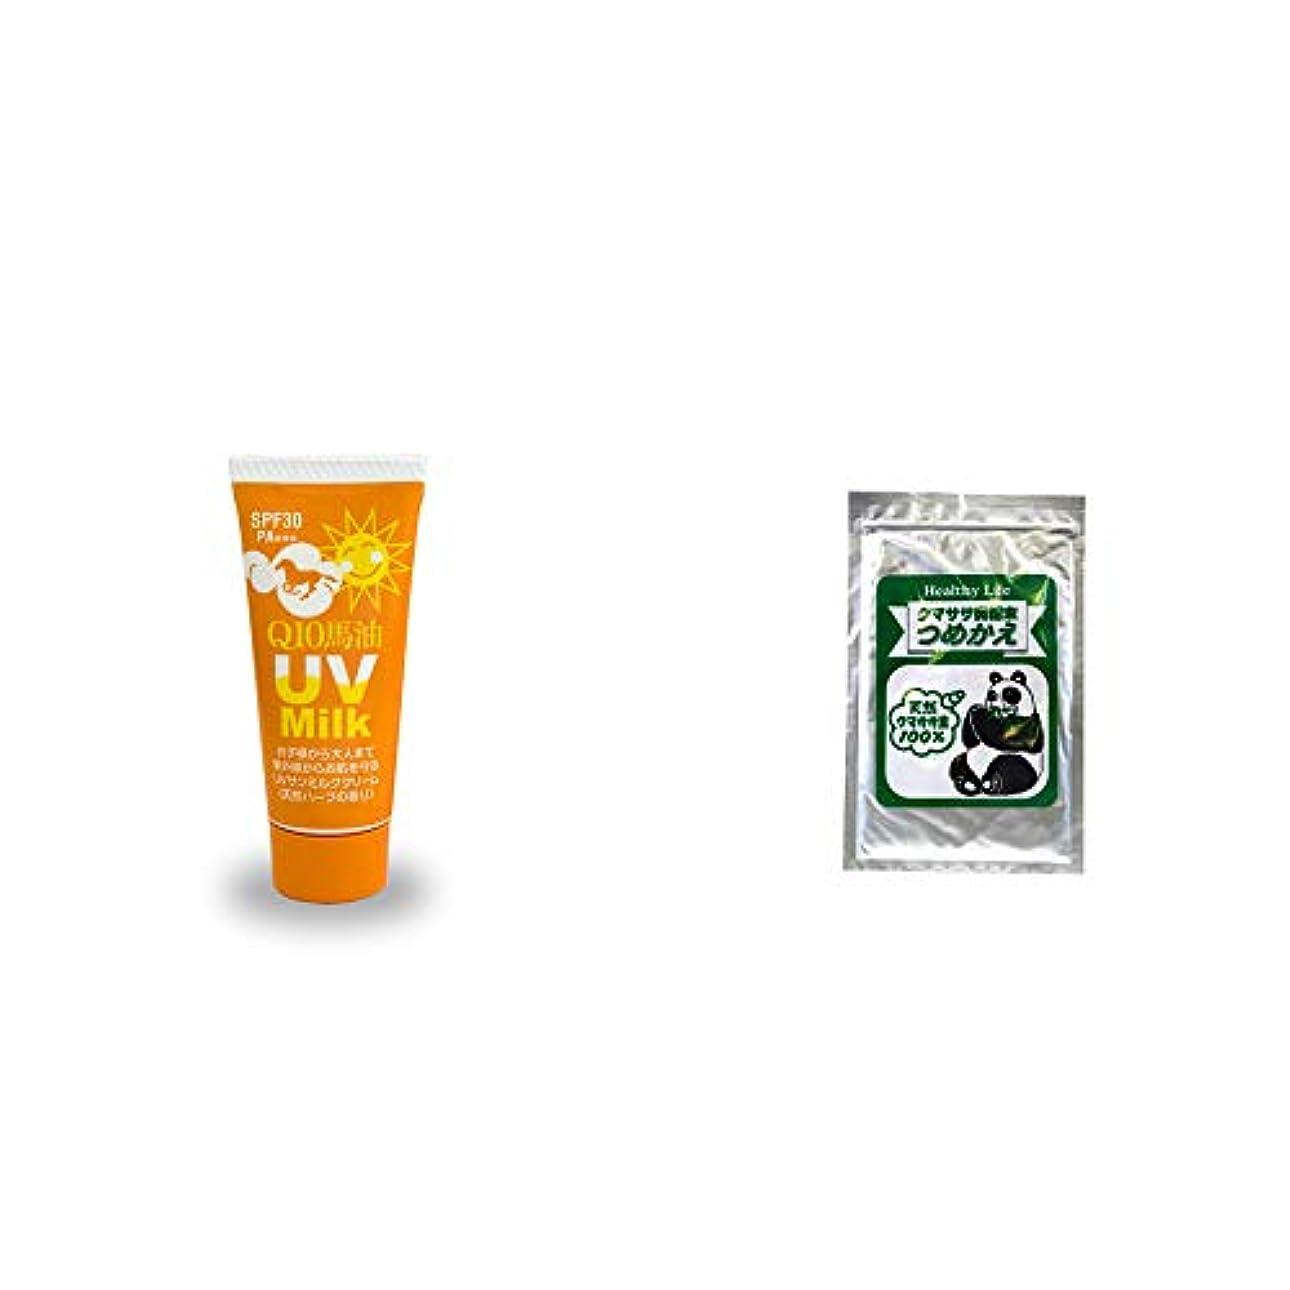 潜む脆い酸っぱい[2点セット] 炭黒泉 Q10馬油 UVサンミルク[天然ハーブ](40g)?木曽産 熊笹100% クマササ微粉末 詰め替え用 (60g)